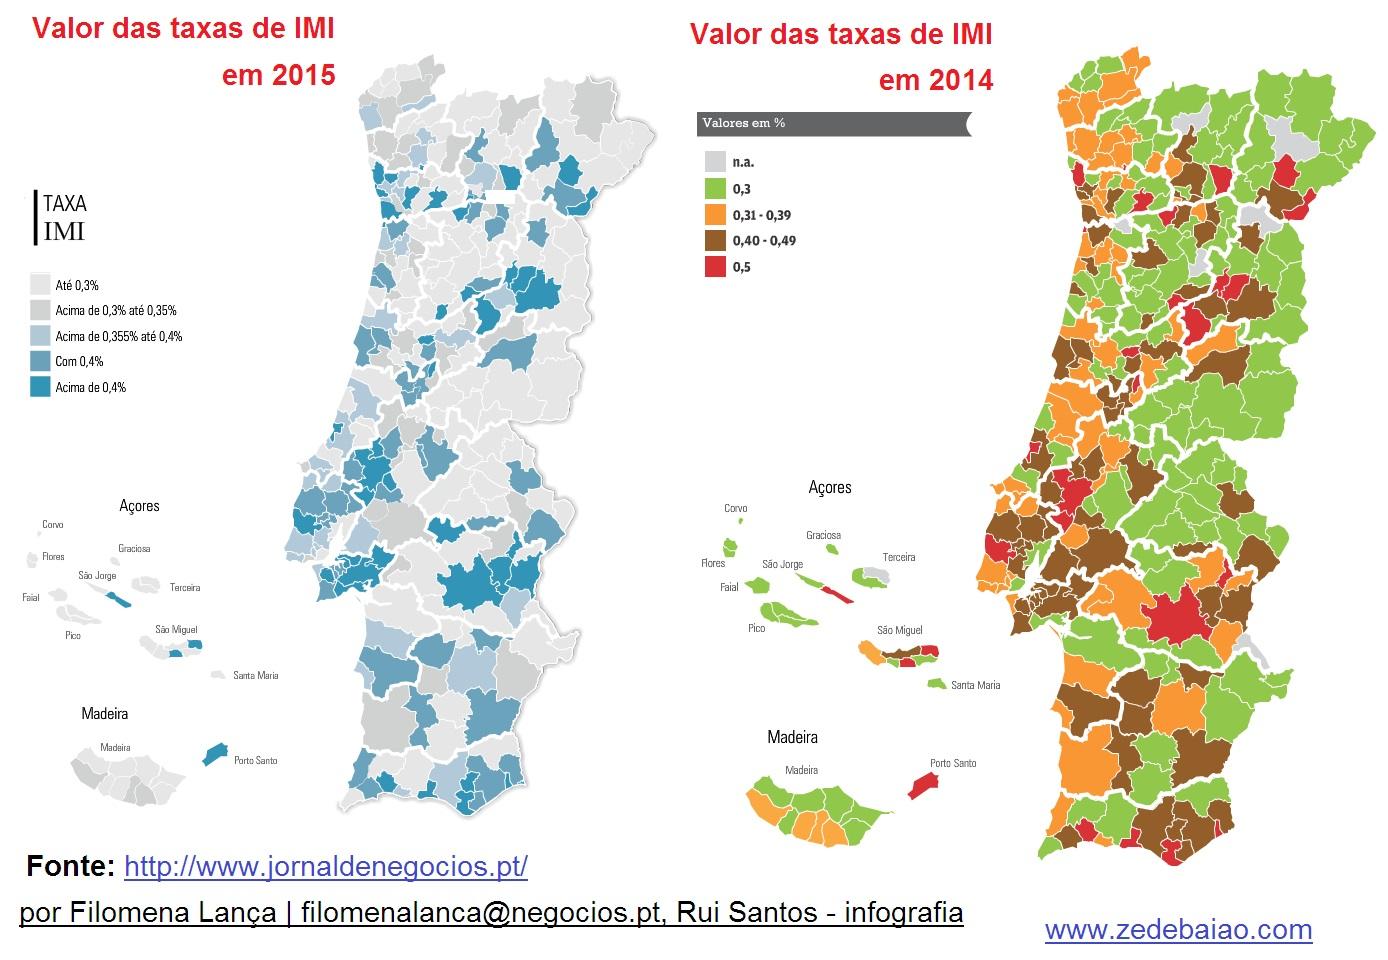 Valores das taxas de IMI 2014 e 2015.jpg